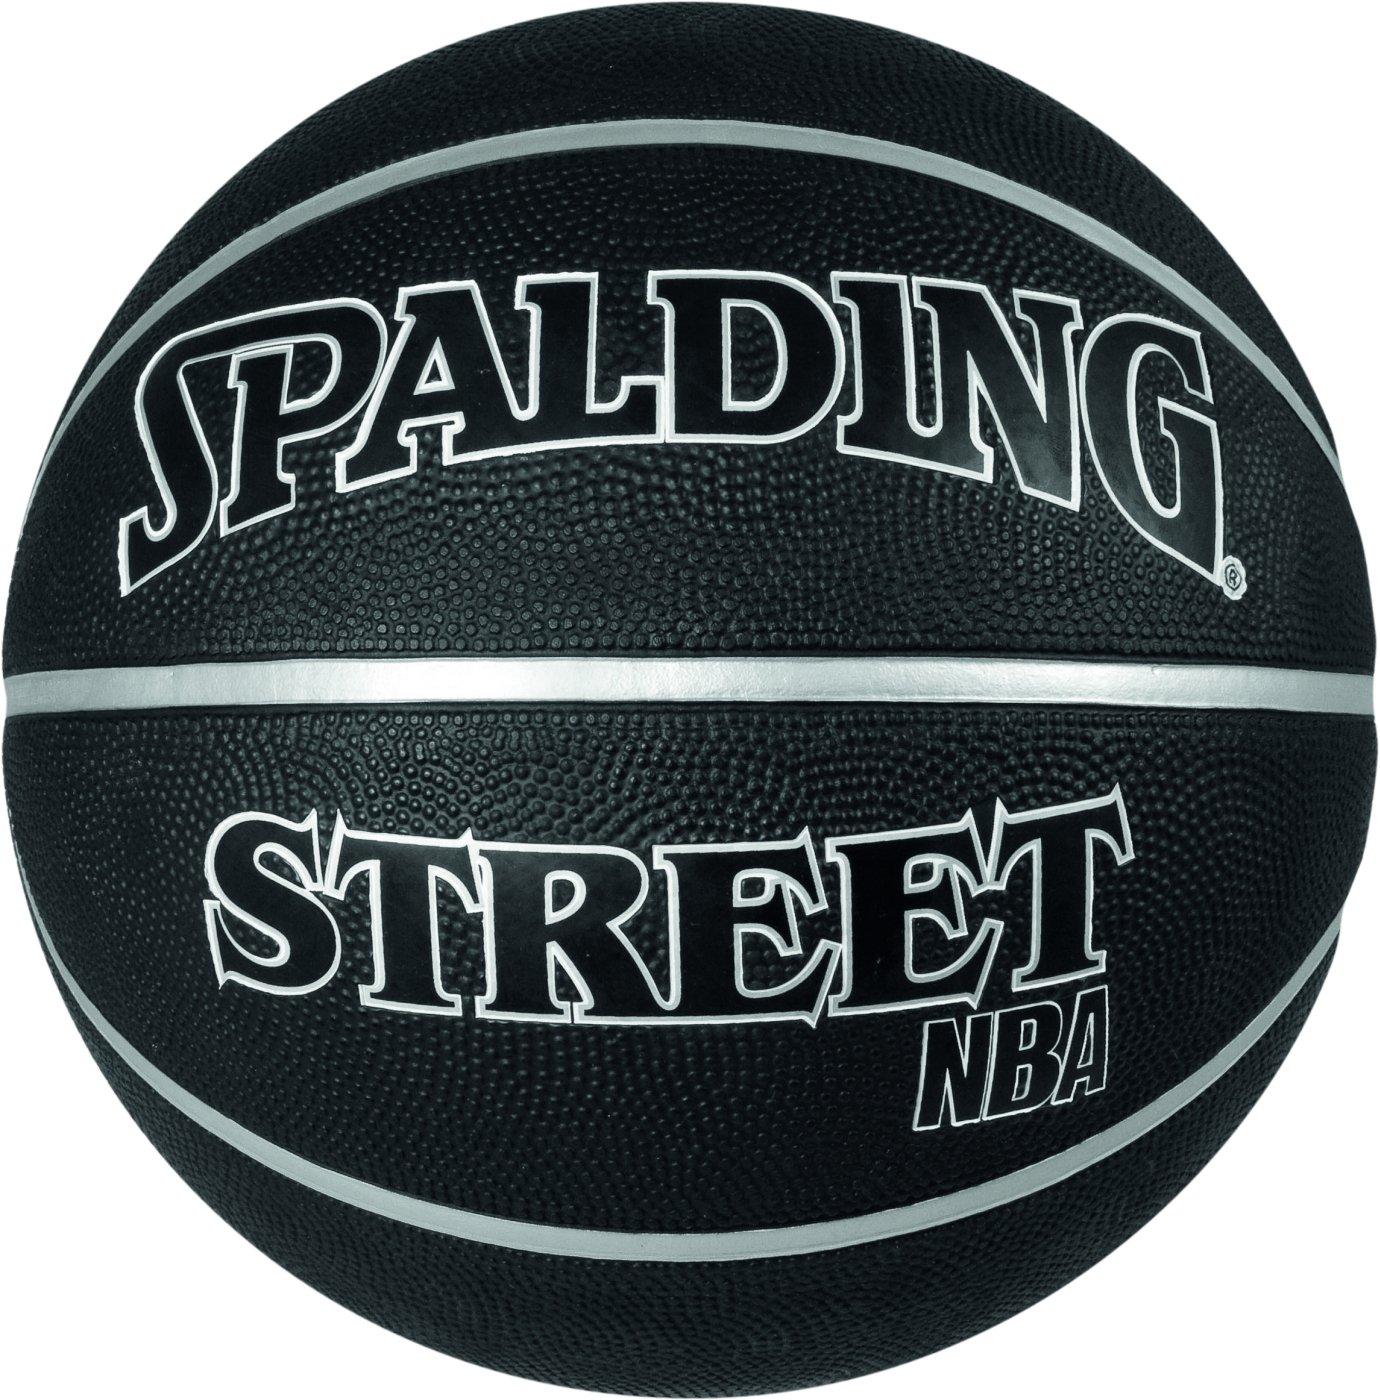 Spalding NBA Street Ballon de basketball mixte adulte 3001505010017